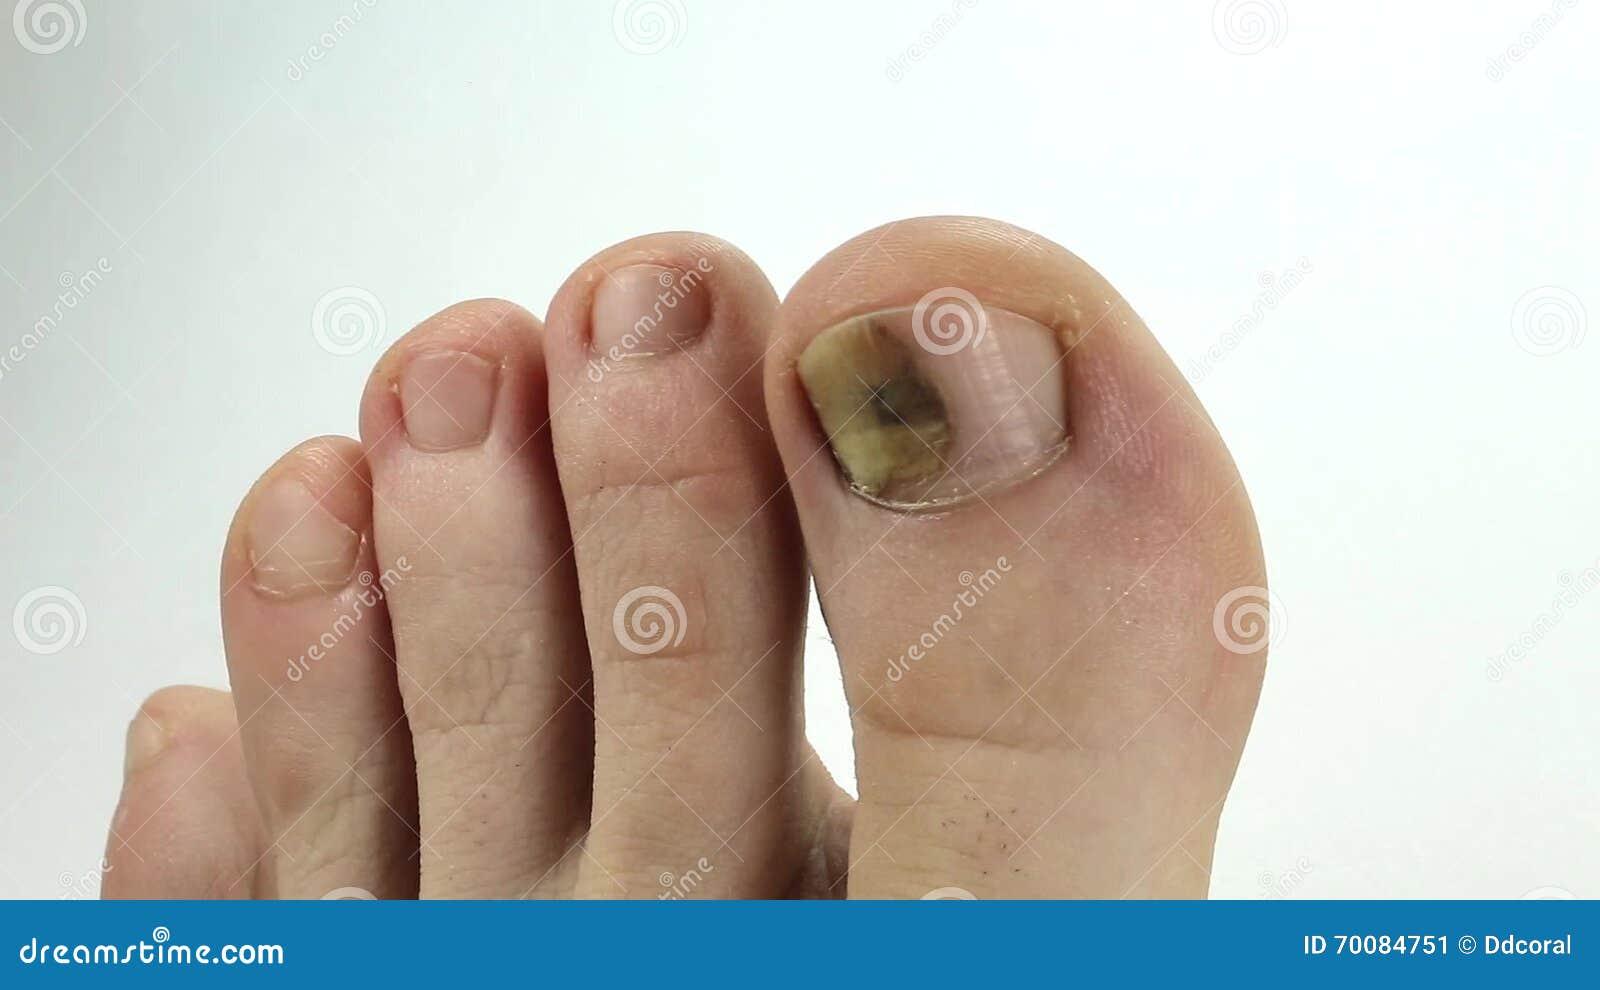 Unas enfermas del pie